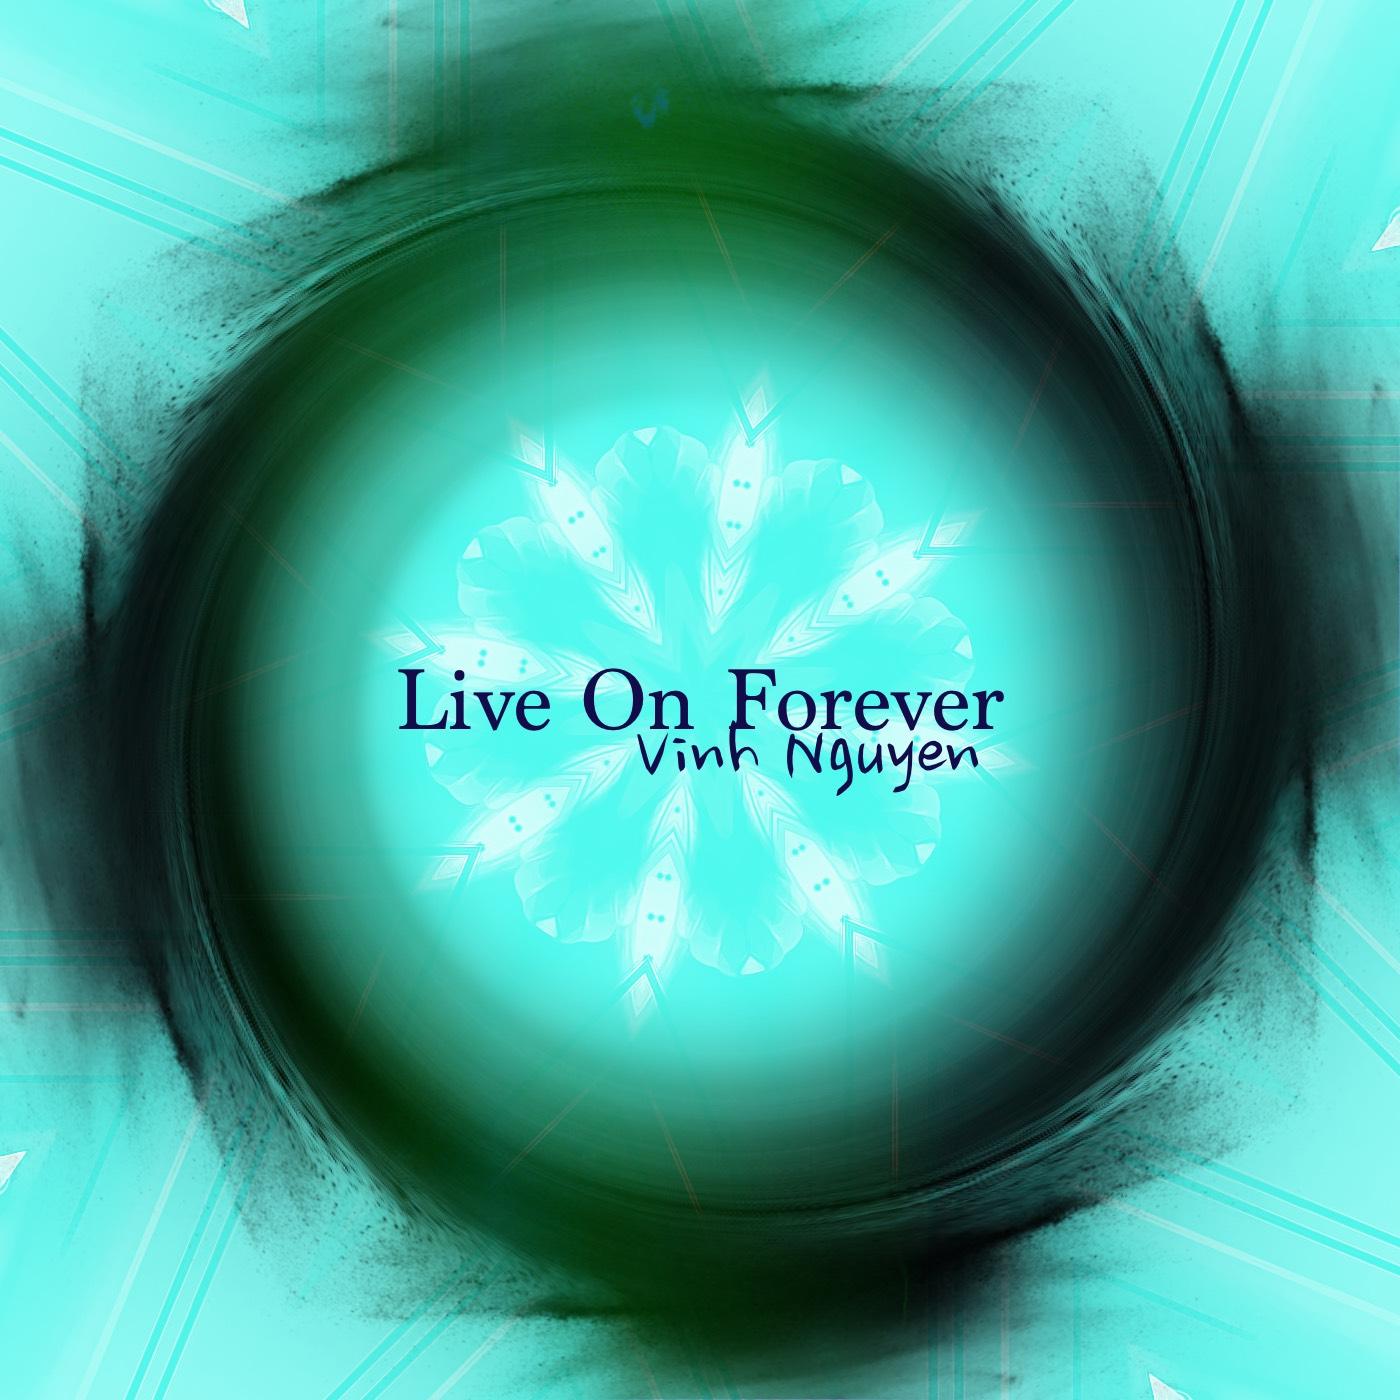 live-on-forever-jpg-70per